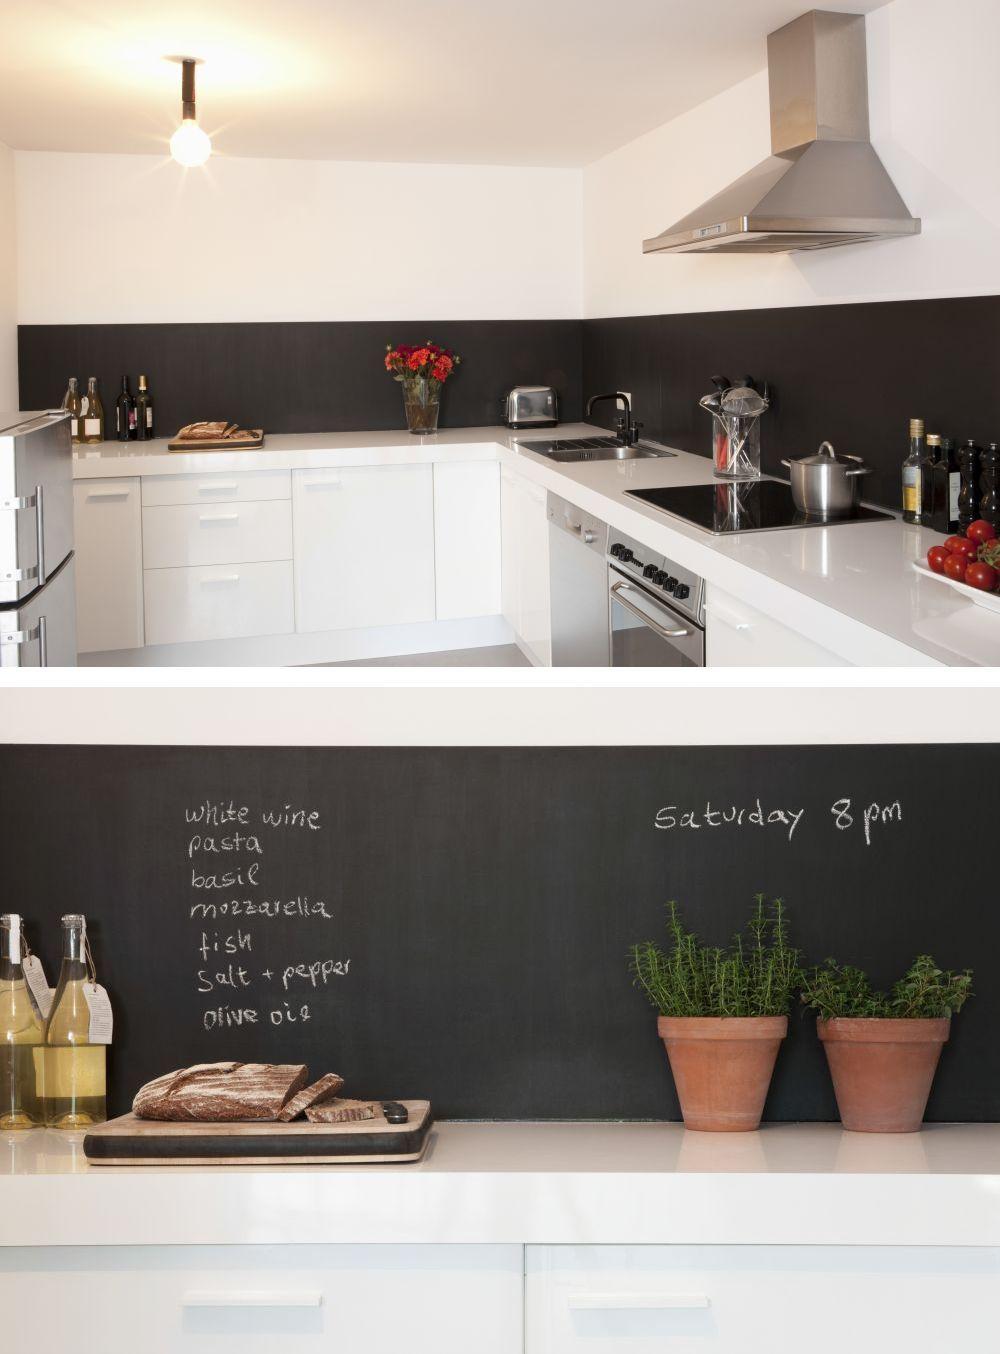 Czy Farba Sprawdzi Sie Na Scianie Nad Blatem Kuchennym Interior Home Decor Decor